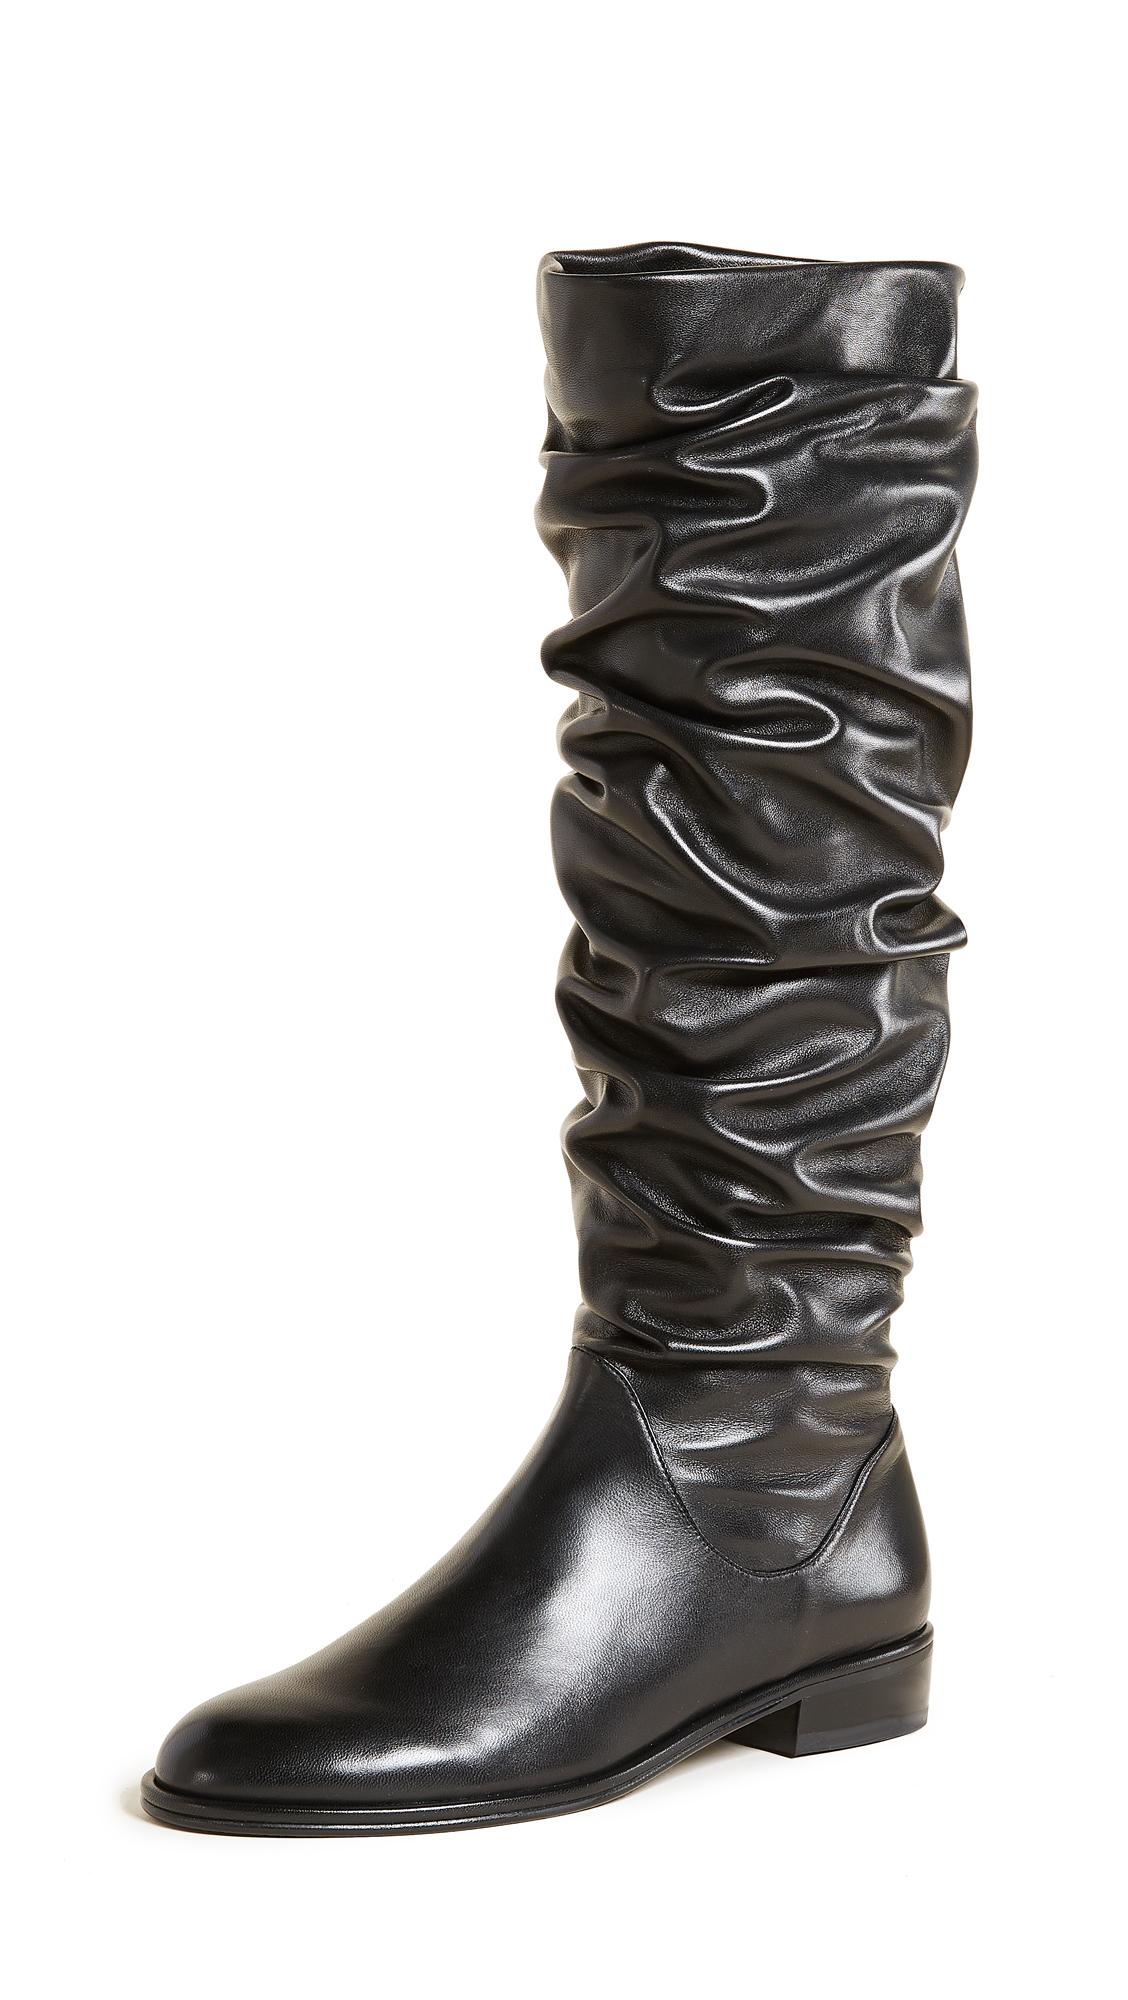 Stuart Weitzman Flatscrunchy Boots - Black